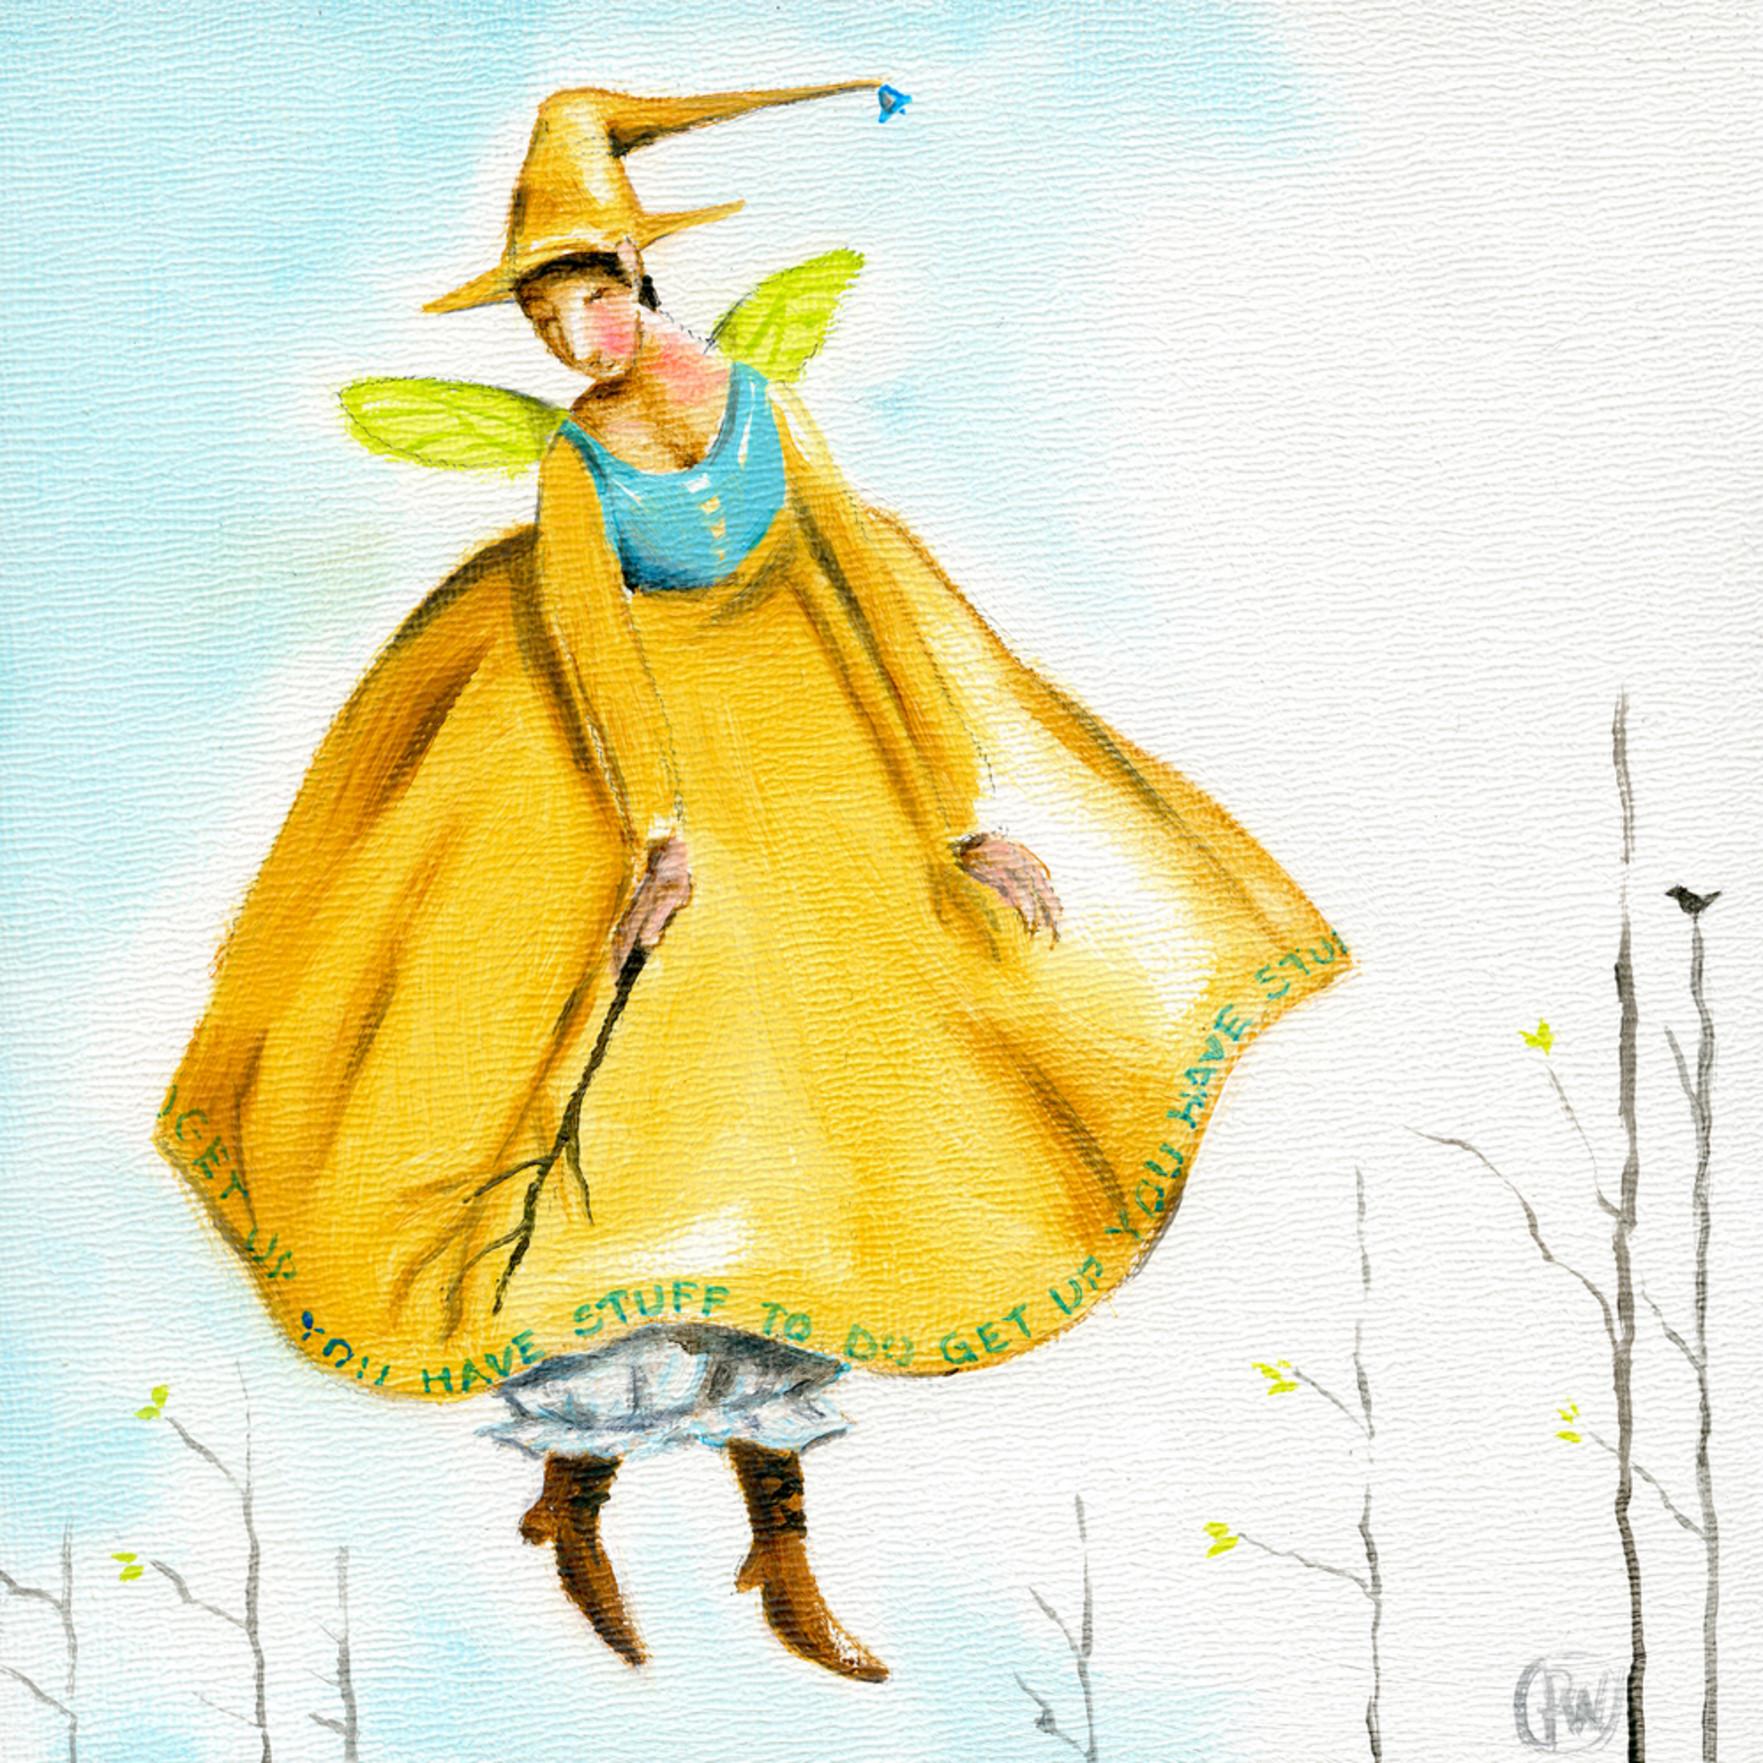 Dew fairy ebwgur